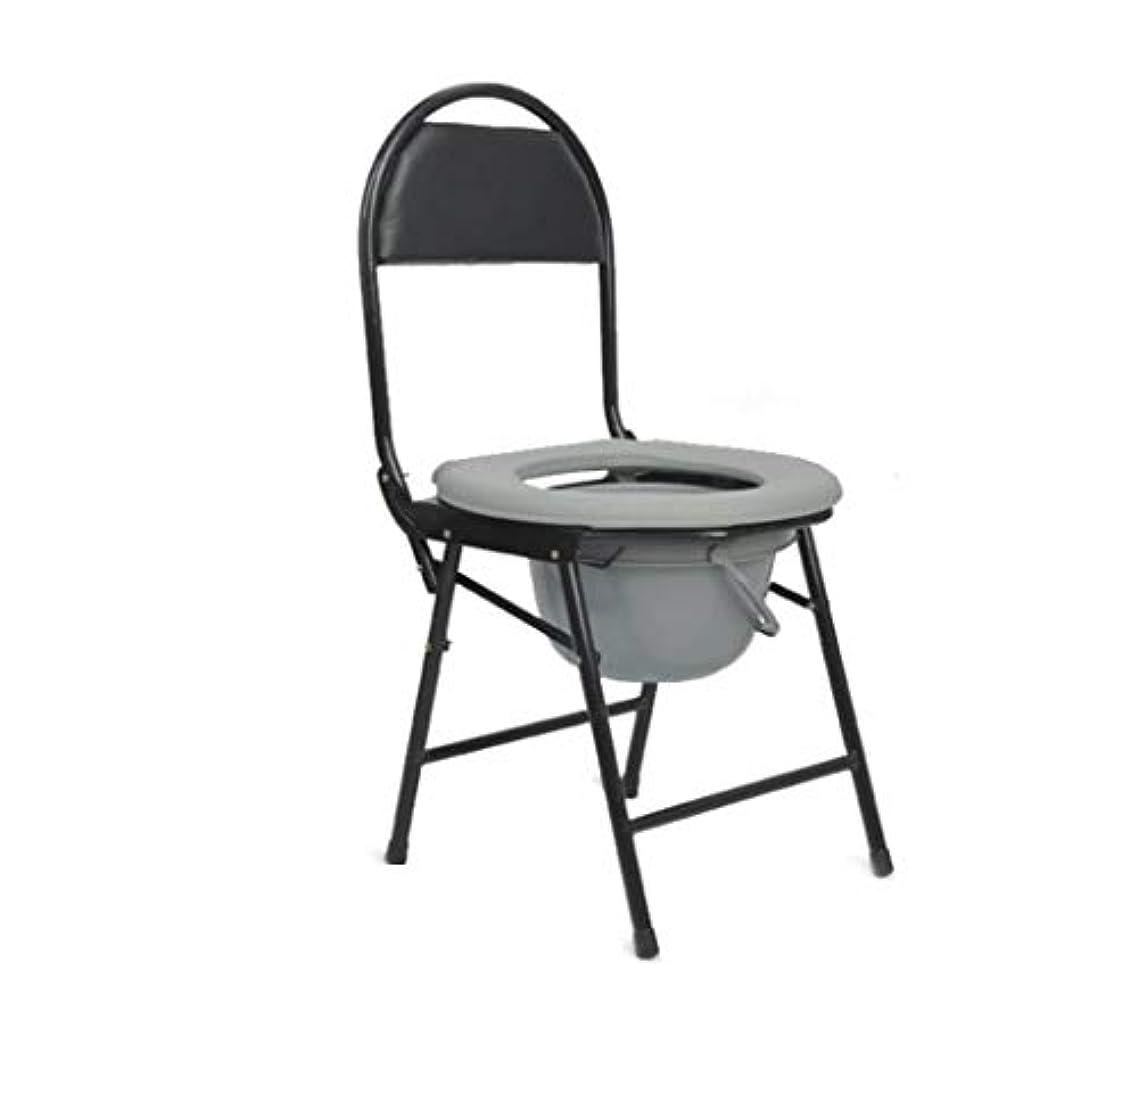 地質学考える雹折りたたみ式mode椅子とトイレサラウンド、軽量、丈夫、シンプル、高齢者高齢者向けのバスルームサポート、無効